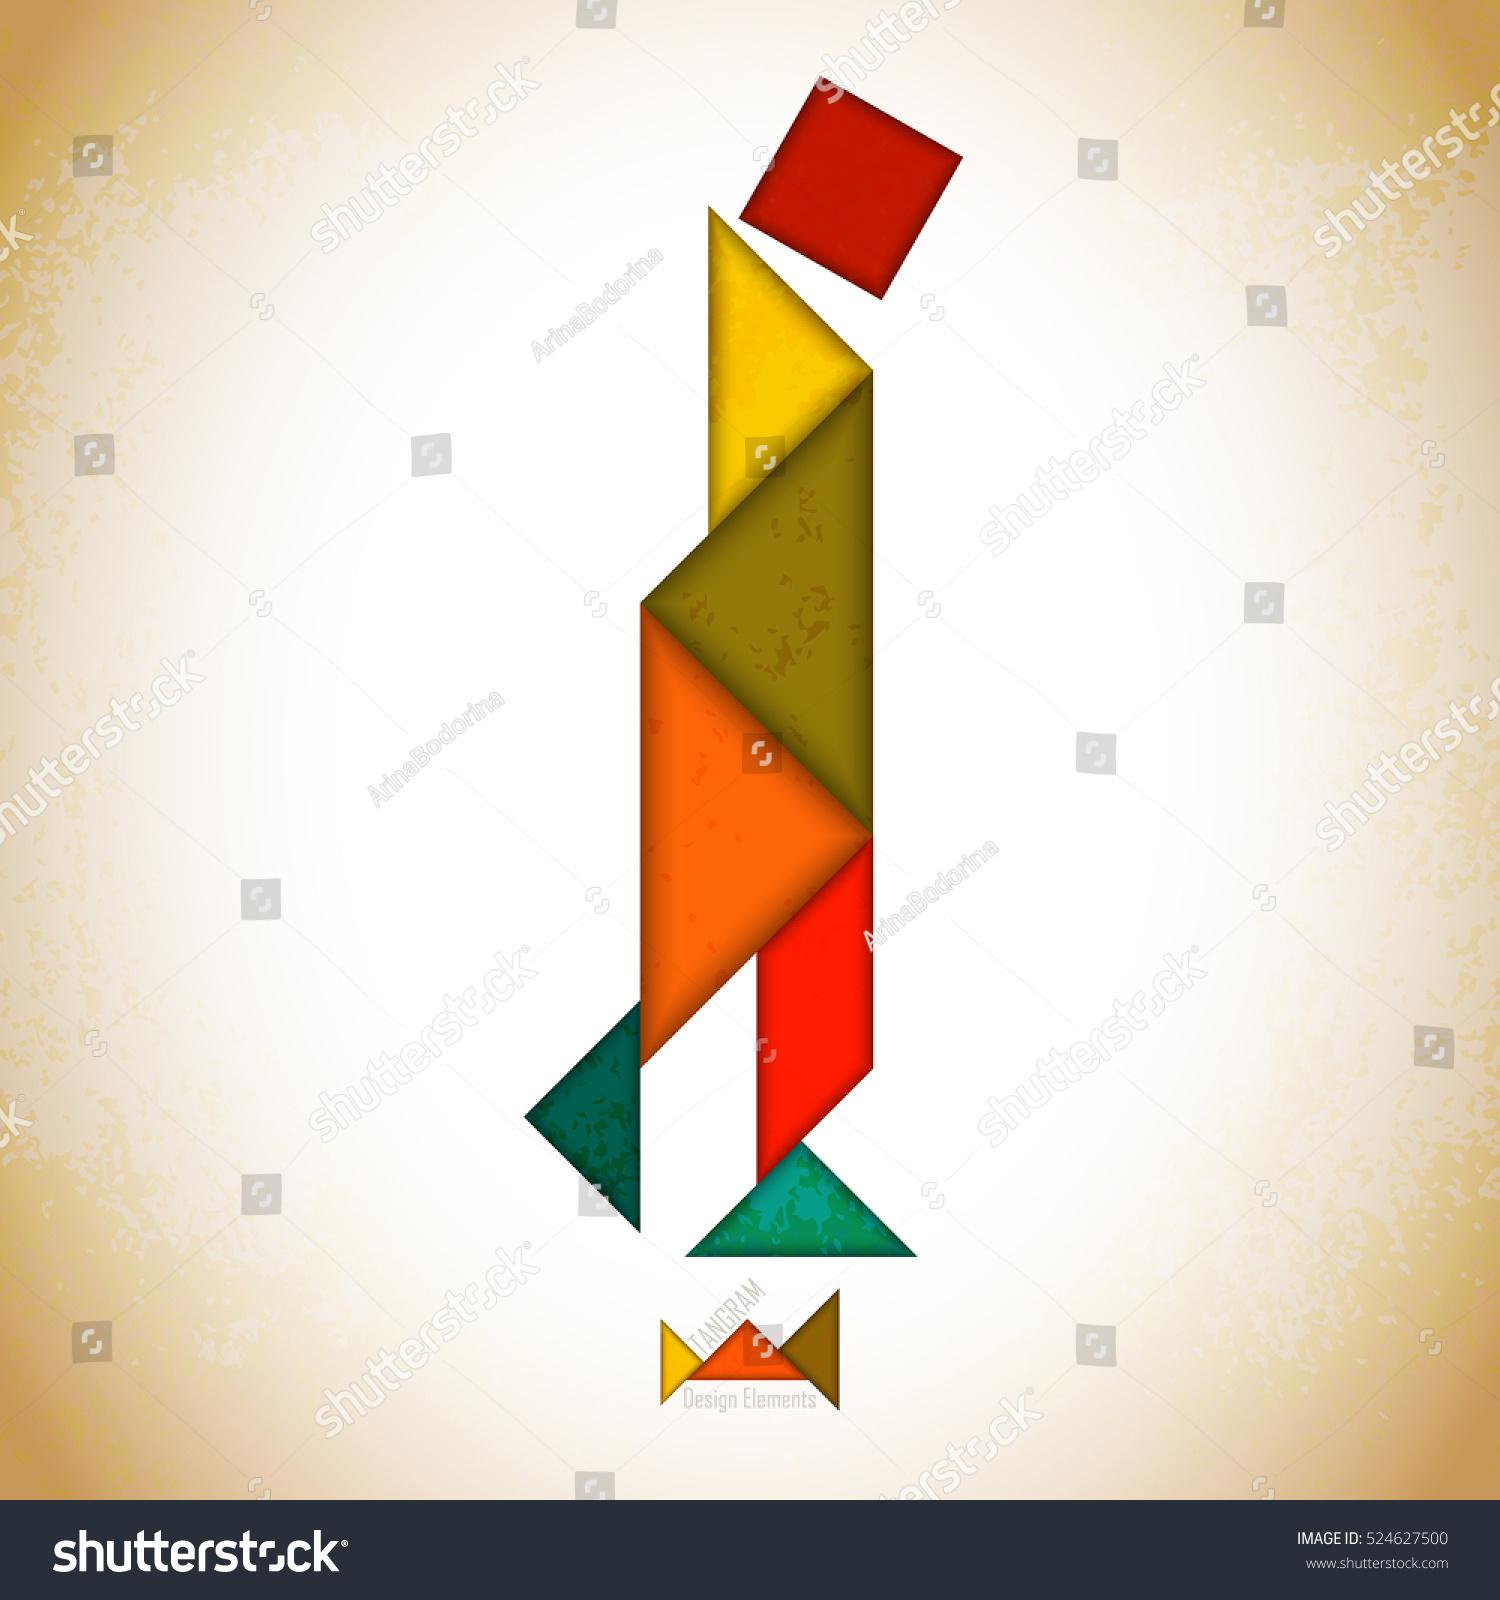 Tangram Peoplel Made Tangram Pieces Geometric Stock Vector intérieur Pièces Tangram